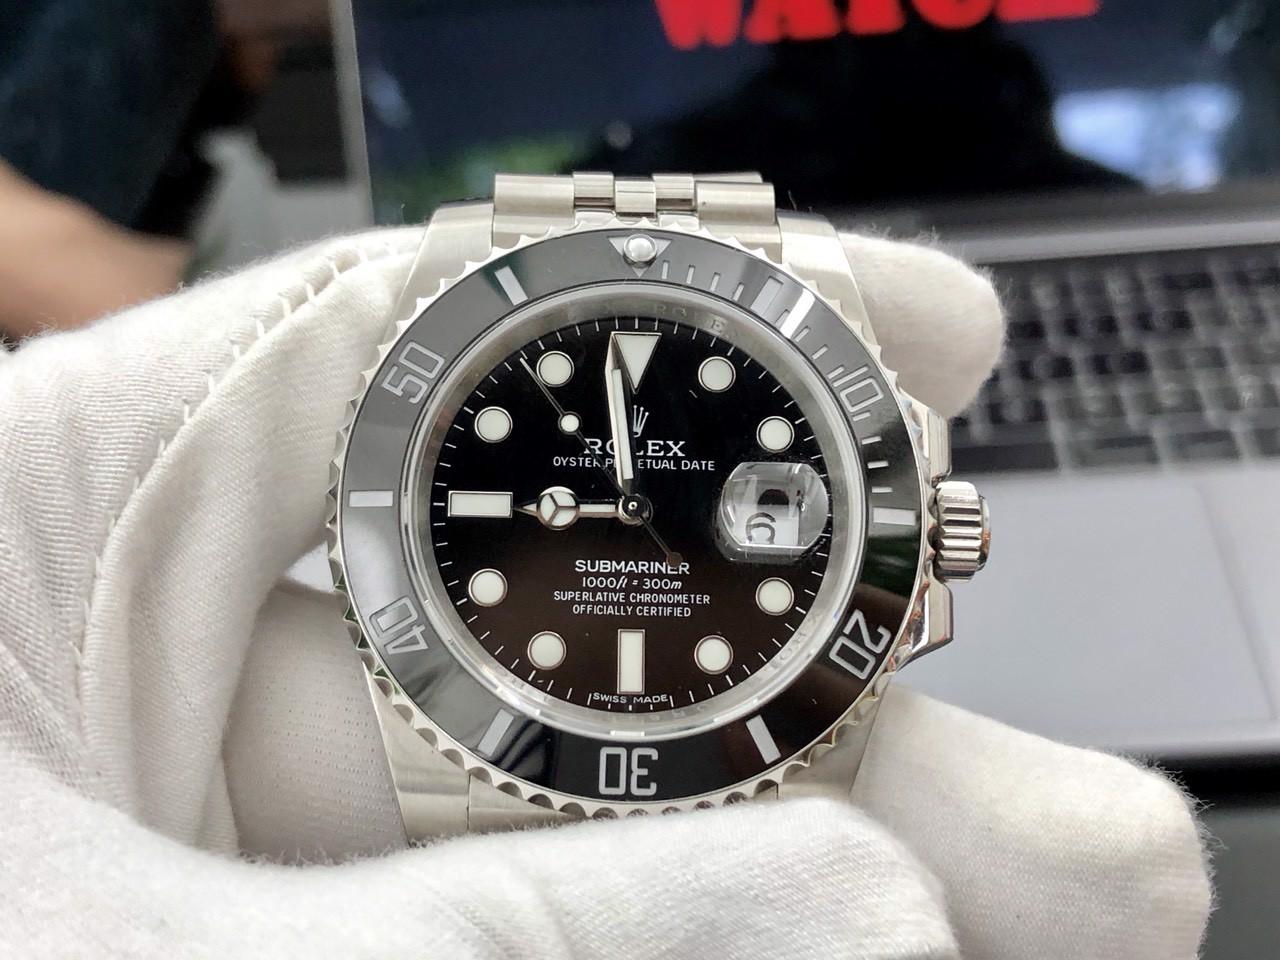 Đồng hồ Rolex bạc – Trang sức đẳng cấp mọi thời đại